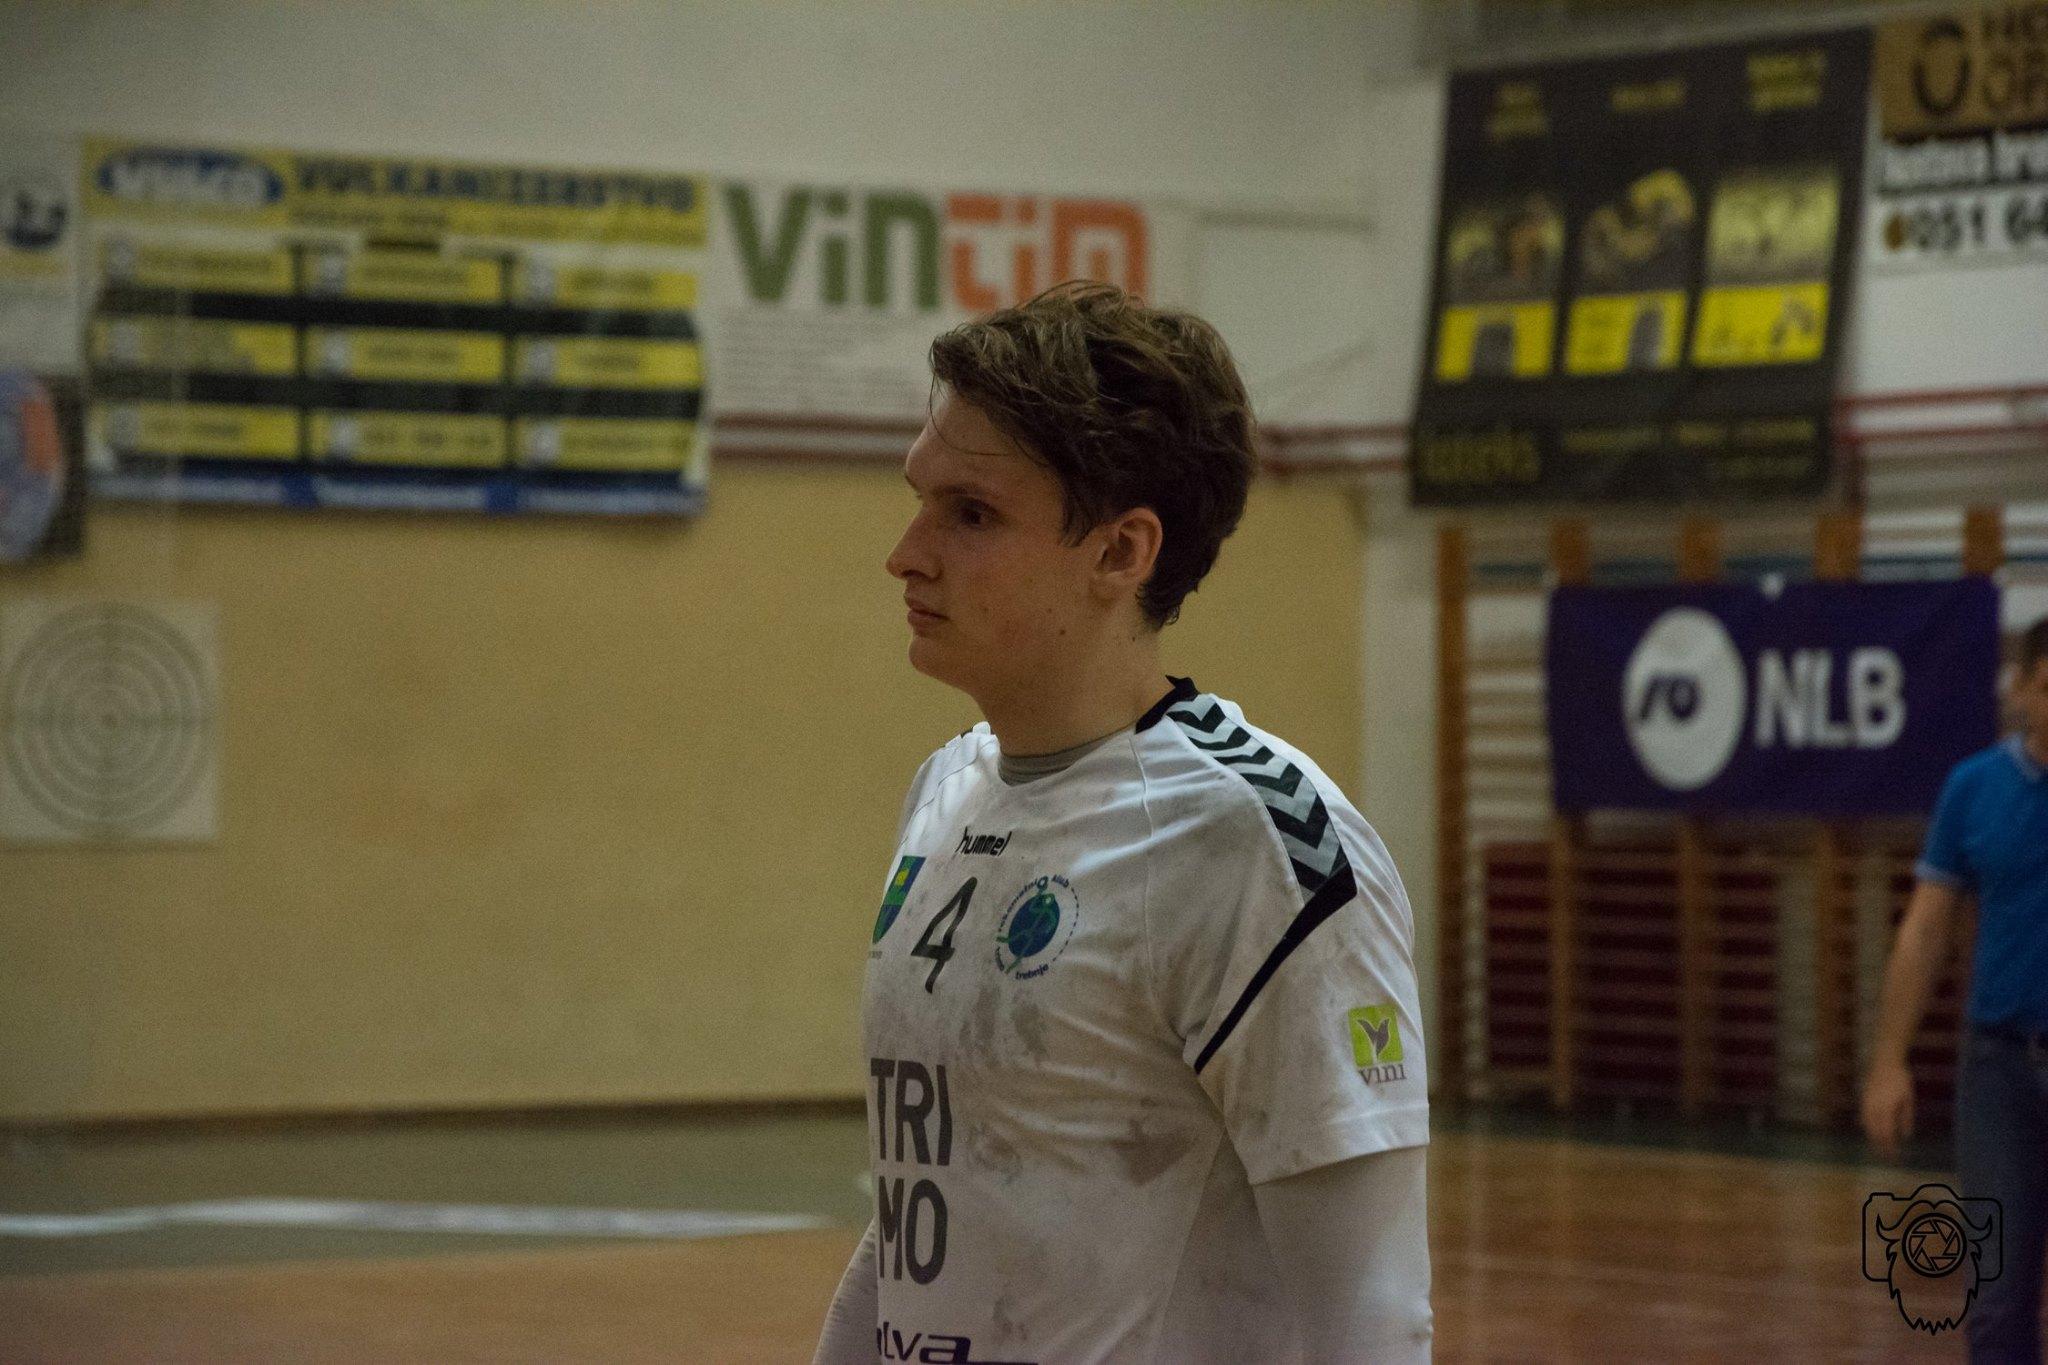 Tobias Cvetko je zaradi poškodbe rame že končal sezono. Foto: RK Trimo Trebnje